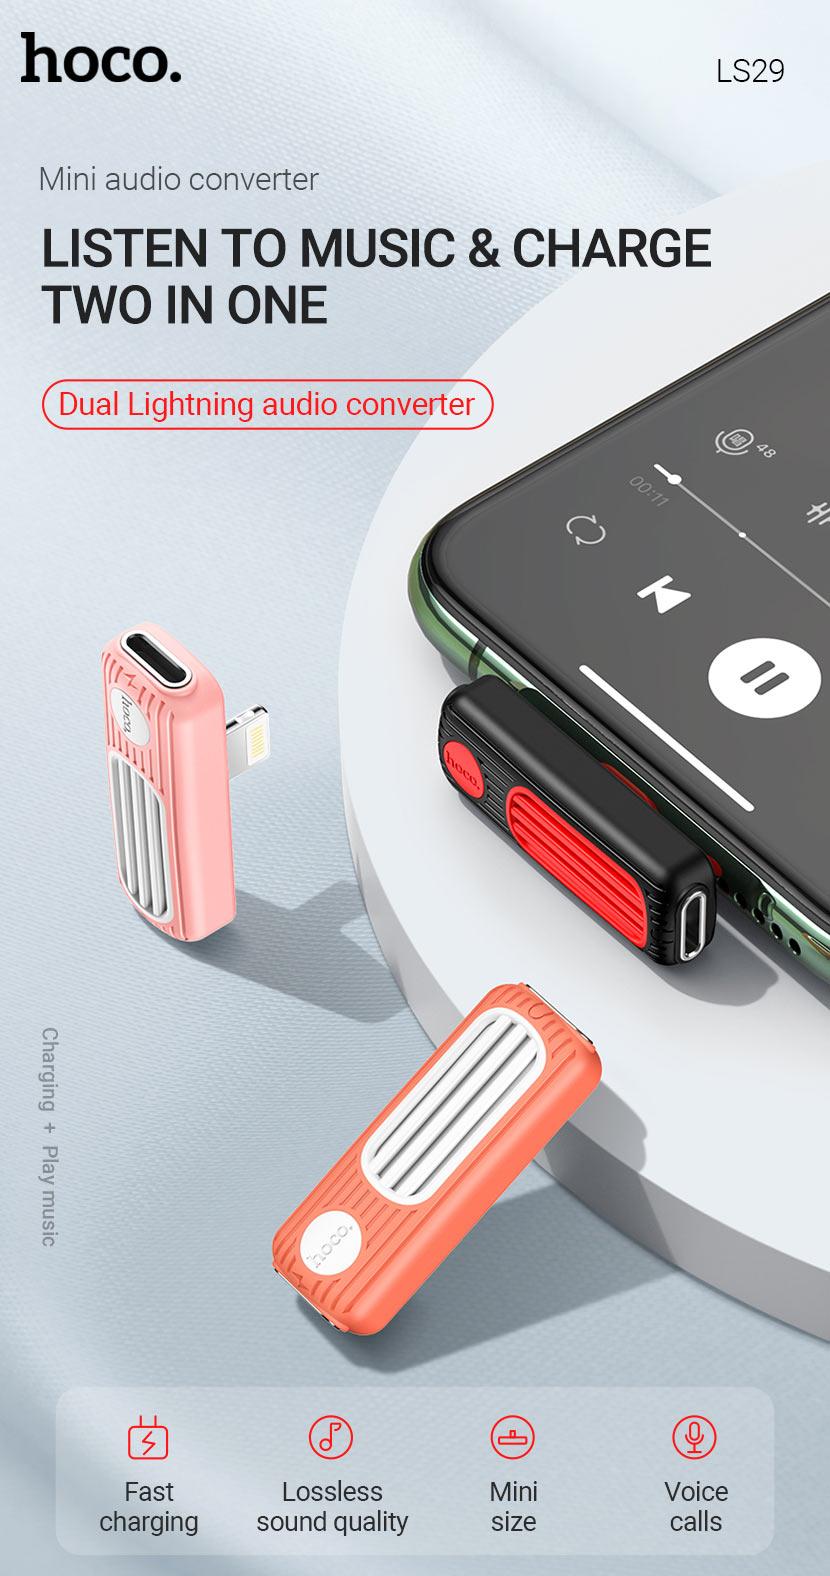 hoco news ls29 dual lightning digital audio converter two in one en